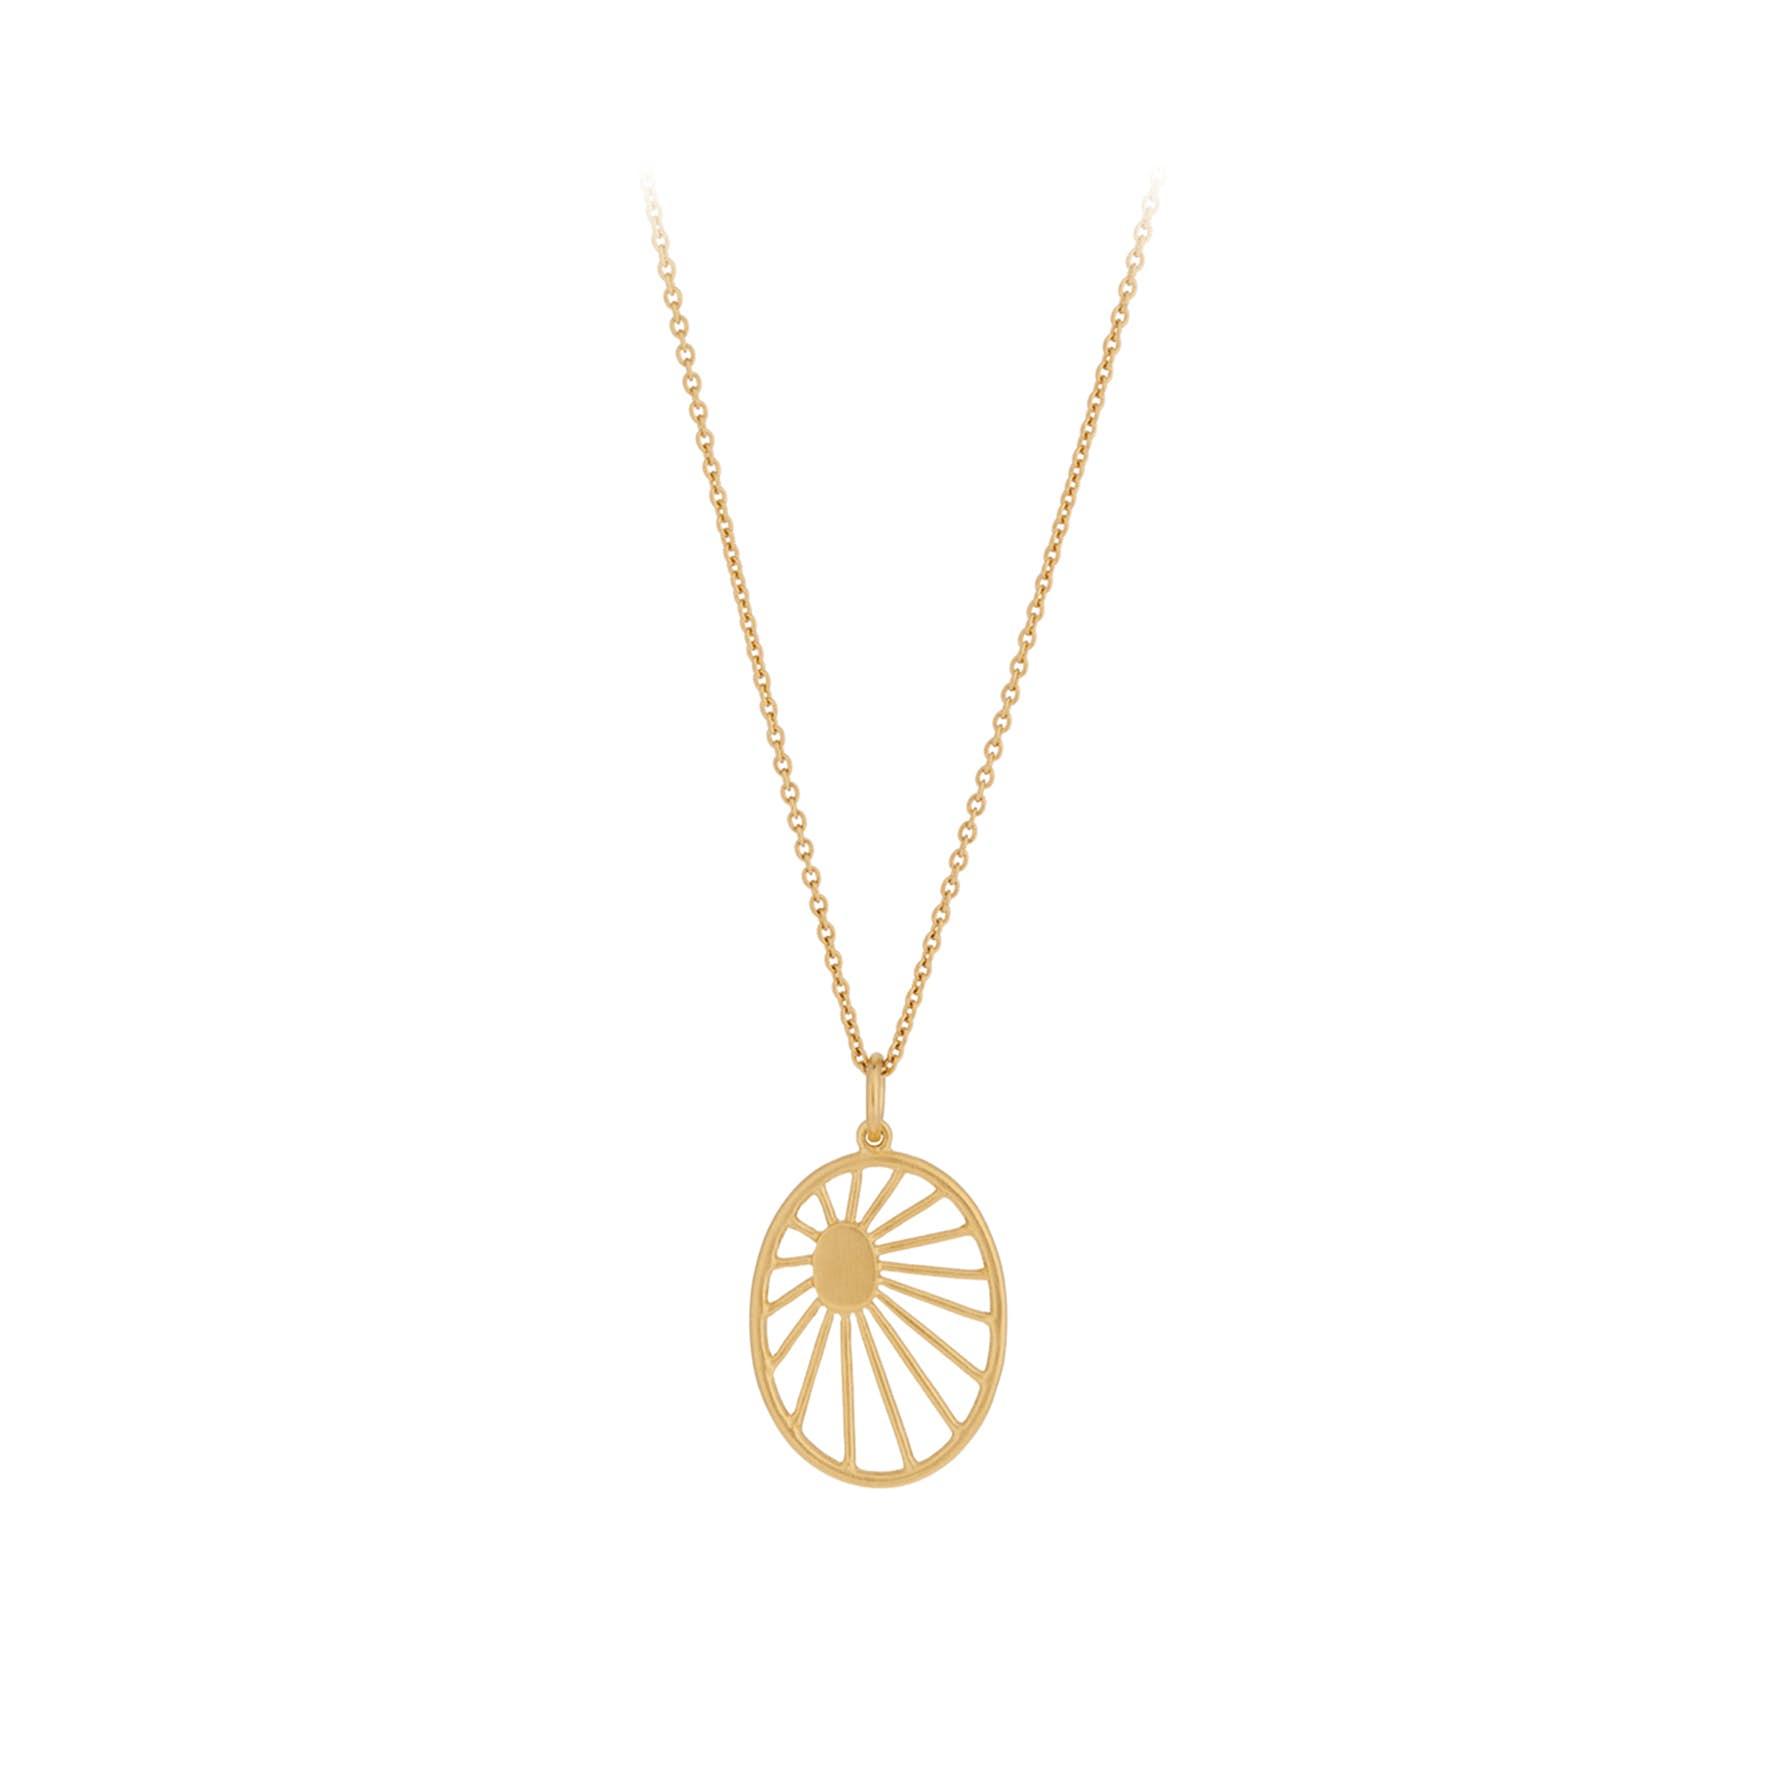 Daydream Necklace fra Pernille Corydon i Forgylt-Sølv Sterling 925